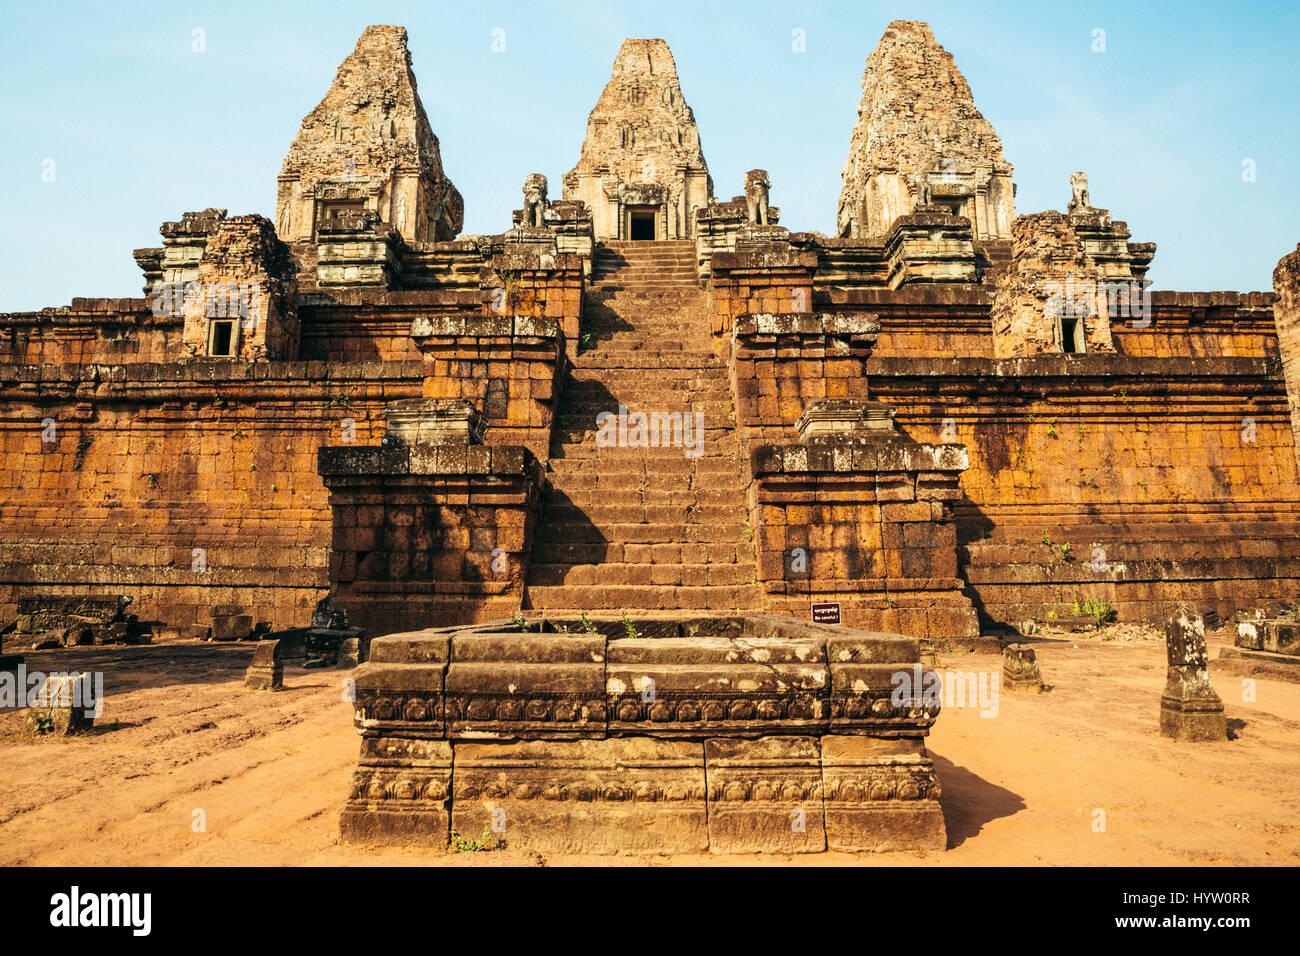 Ta Keo - Ancient Ruins of Angkor Wat, Siem Reap, Cambodia - Stock Image